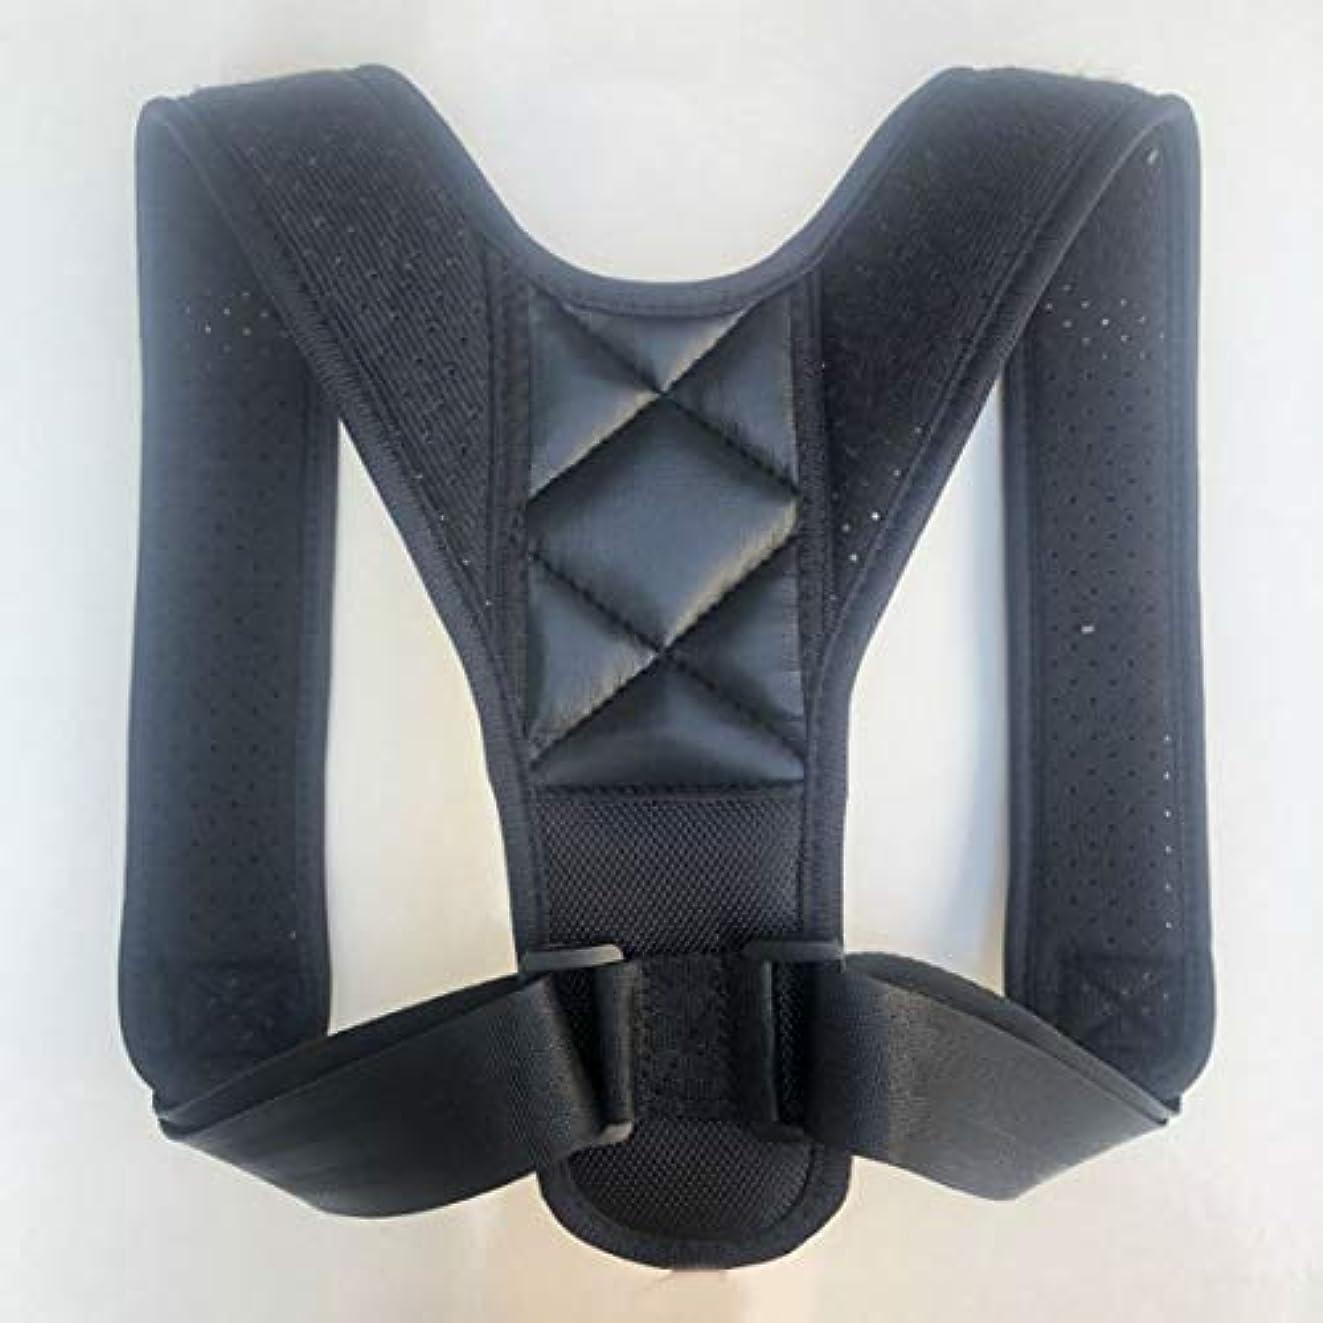 一般化する治すチョコレートアッパーバックポスチャーコレクター姿勢鎖骨サポートコレクターバックストレートショルダーブレースストラップコレクター - ブラック